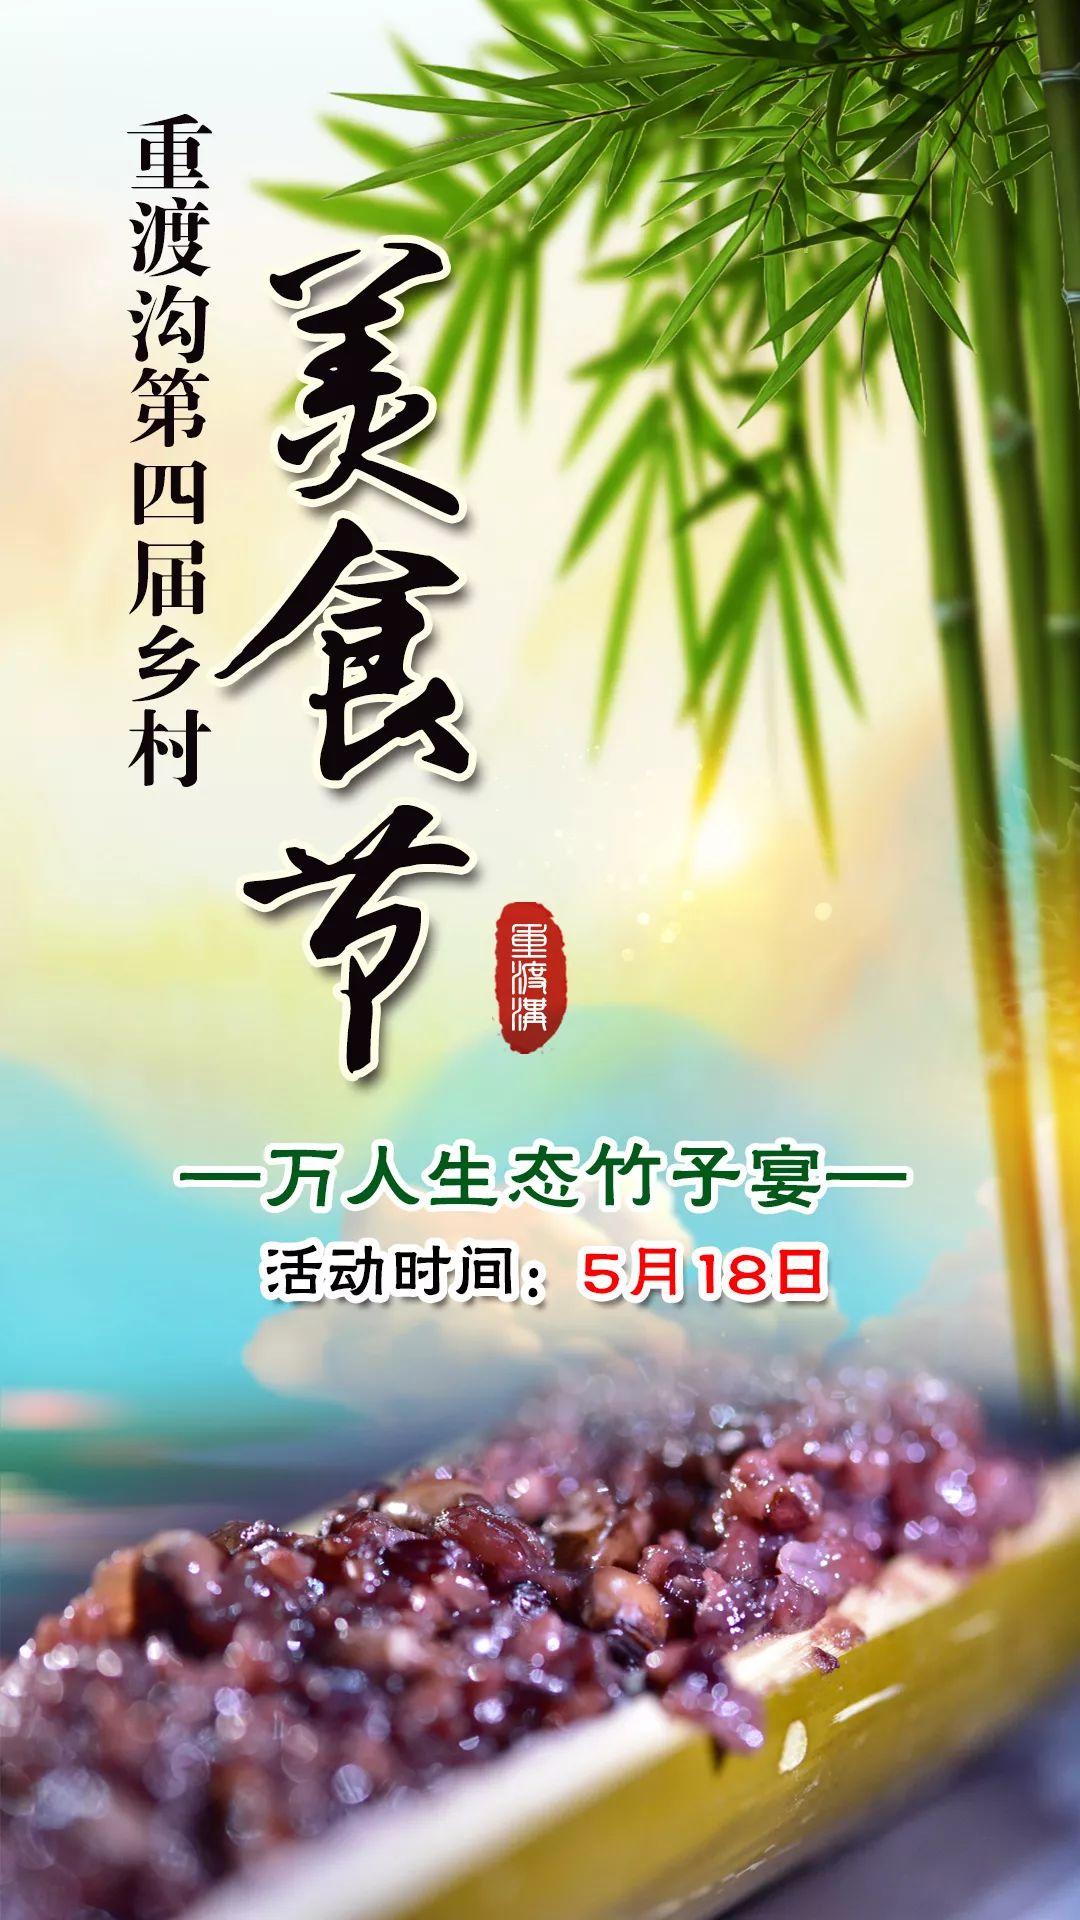 开吃!本周六重渡沟万人生态竹子宴